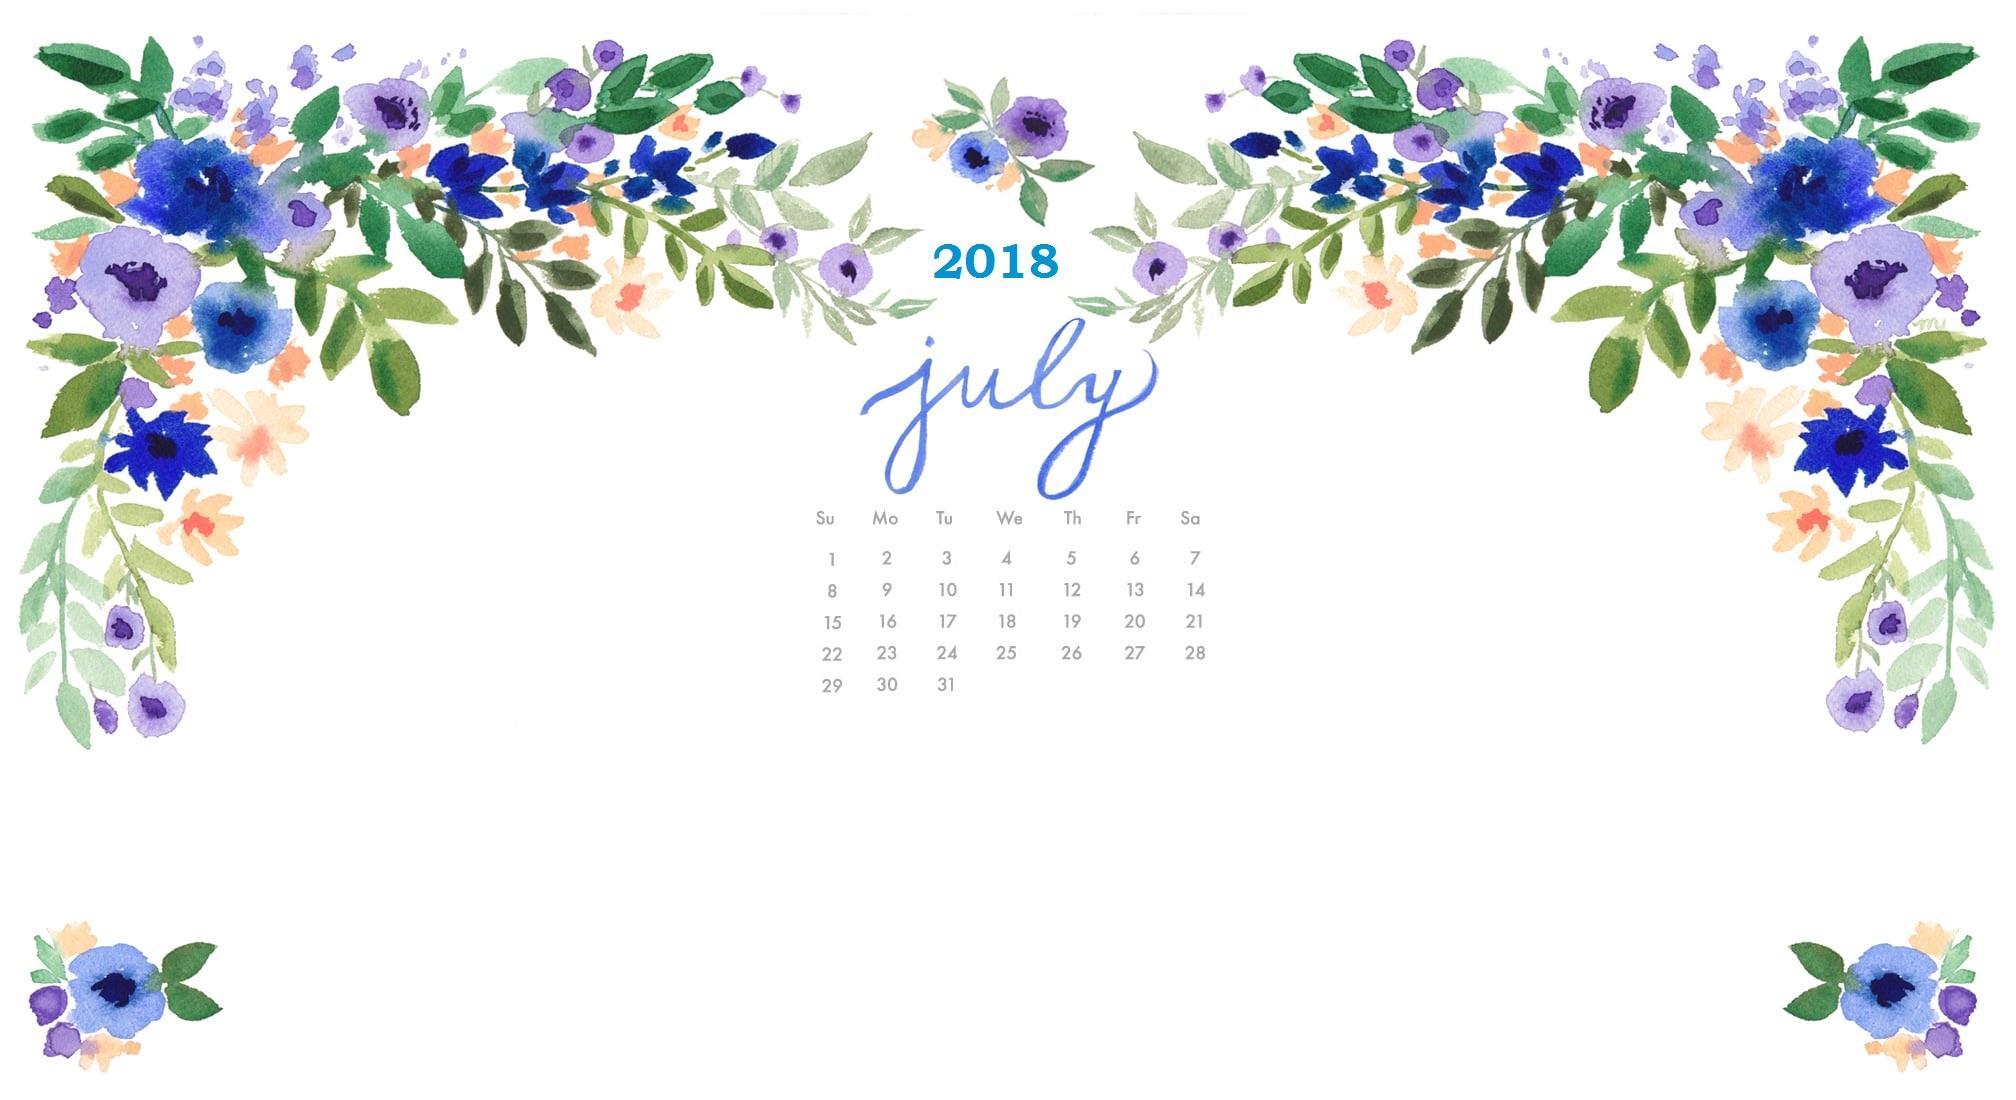 July 2018 HD Wallpaper Calendar Calendar 2019 2016x1100